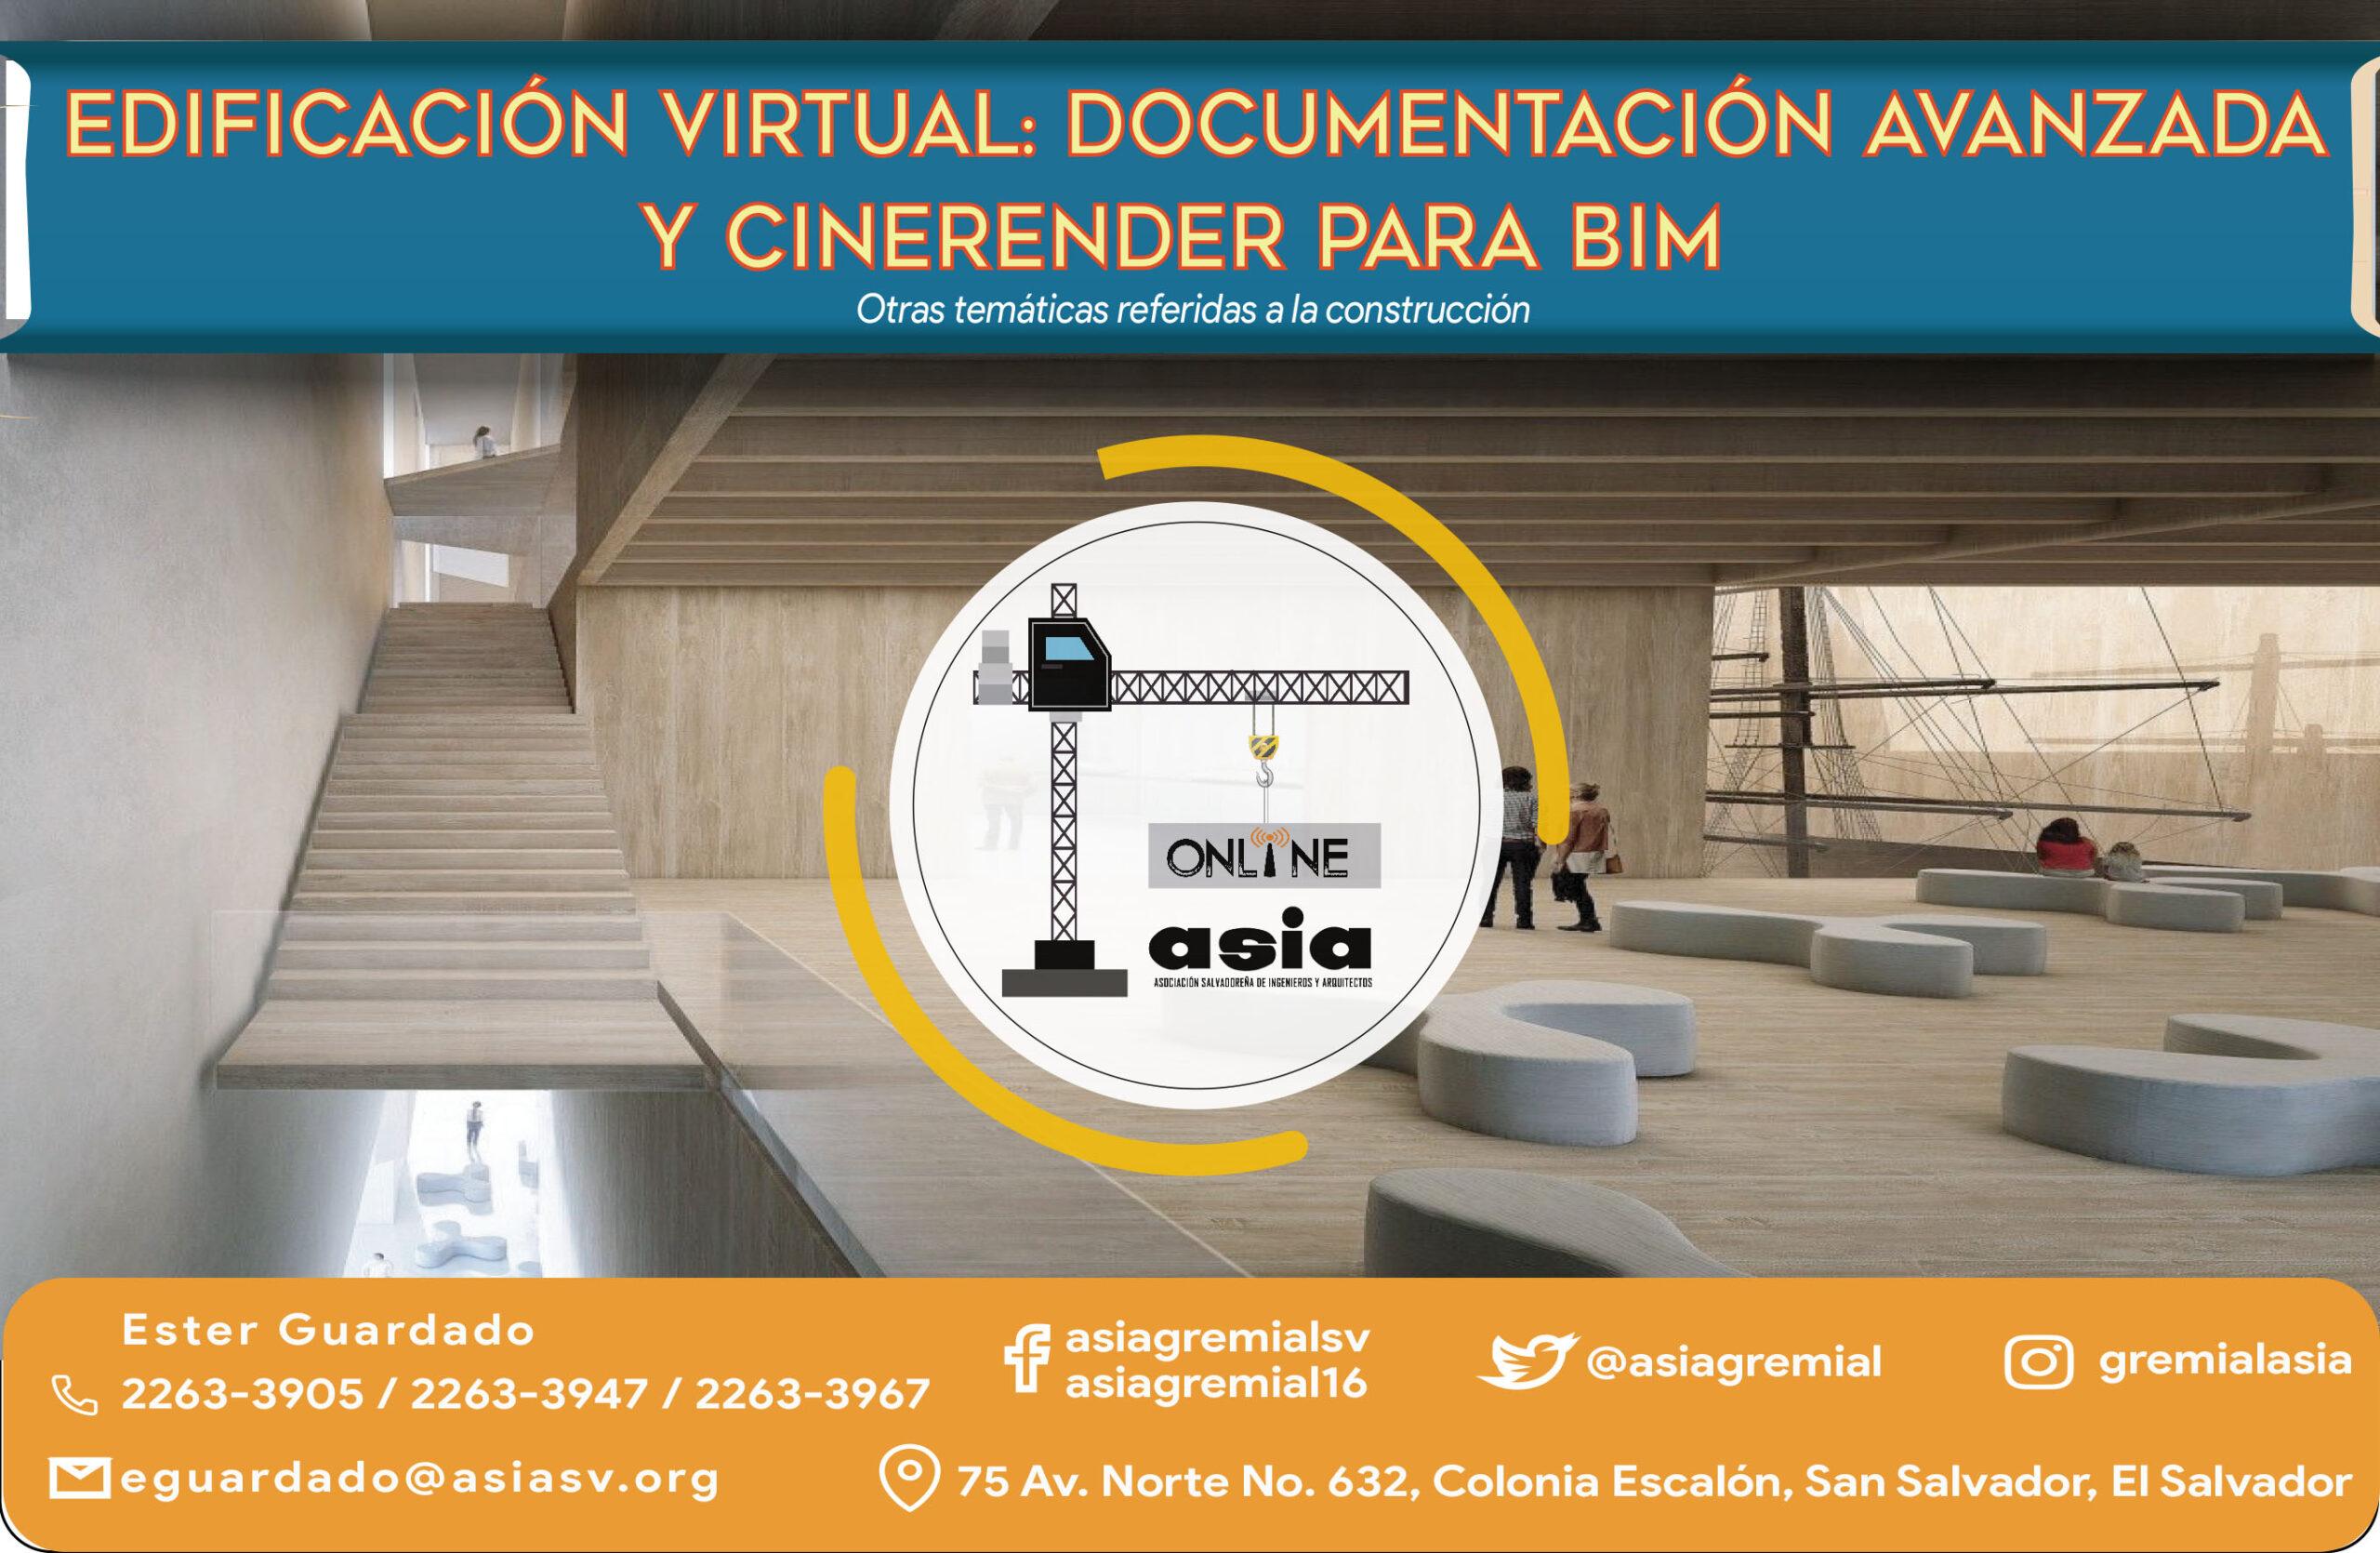 202103 Edificación virtual: Documentación y Cinerender para BIM